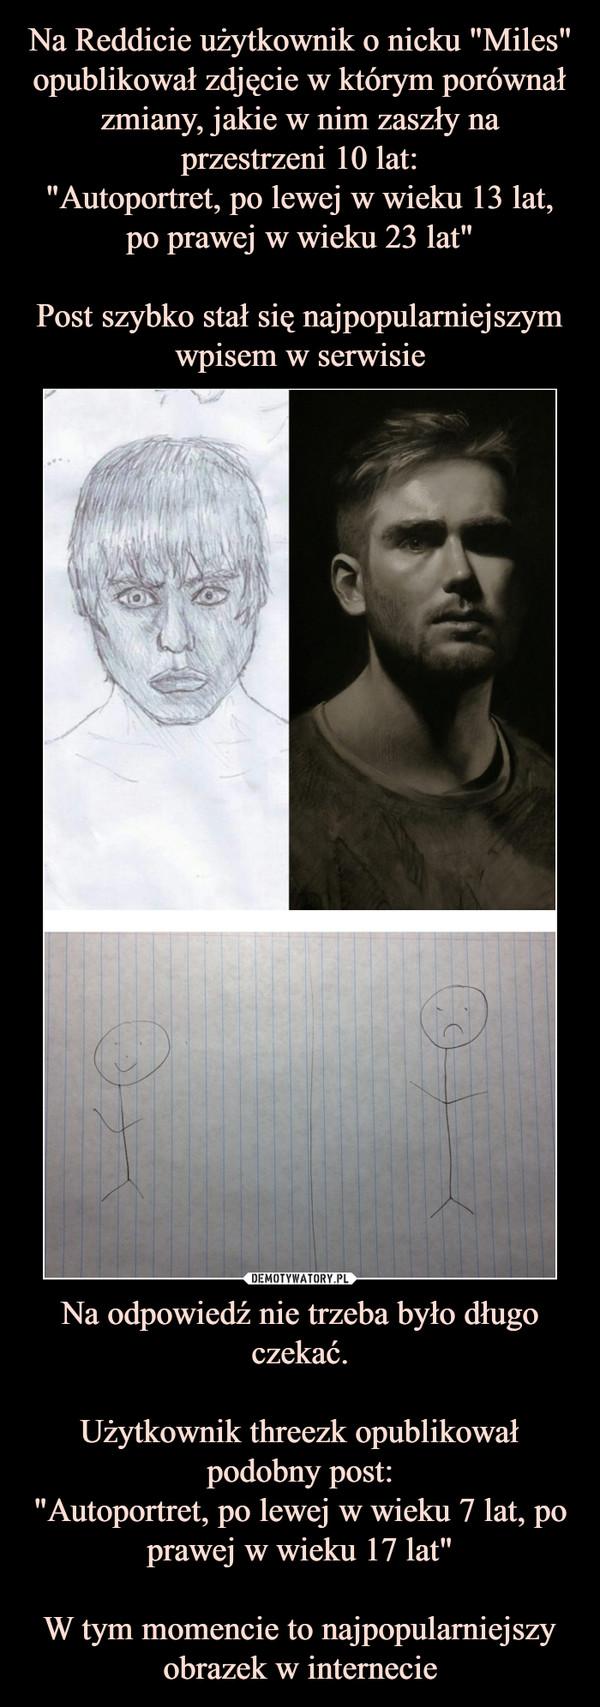 """Na odpowiedź nie trzeba było długo czekać.Użytkownik threezk opublikował podobny post:""""Autoportret, po lewej w wieku 7 lat, po prawej w wieku 17 lat""""W tym momencie to najpopularniejszy obrazek w internecie –"""